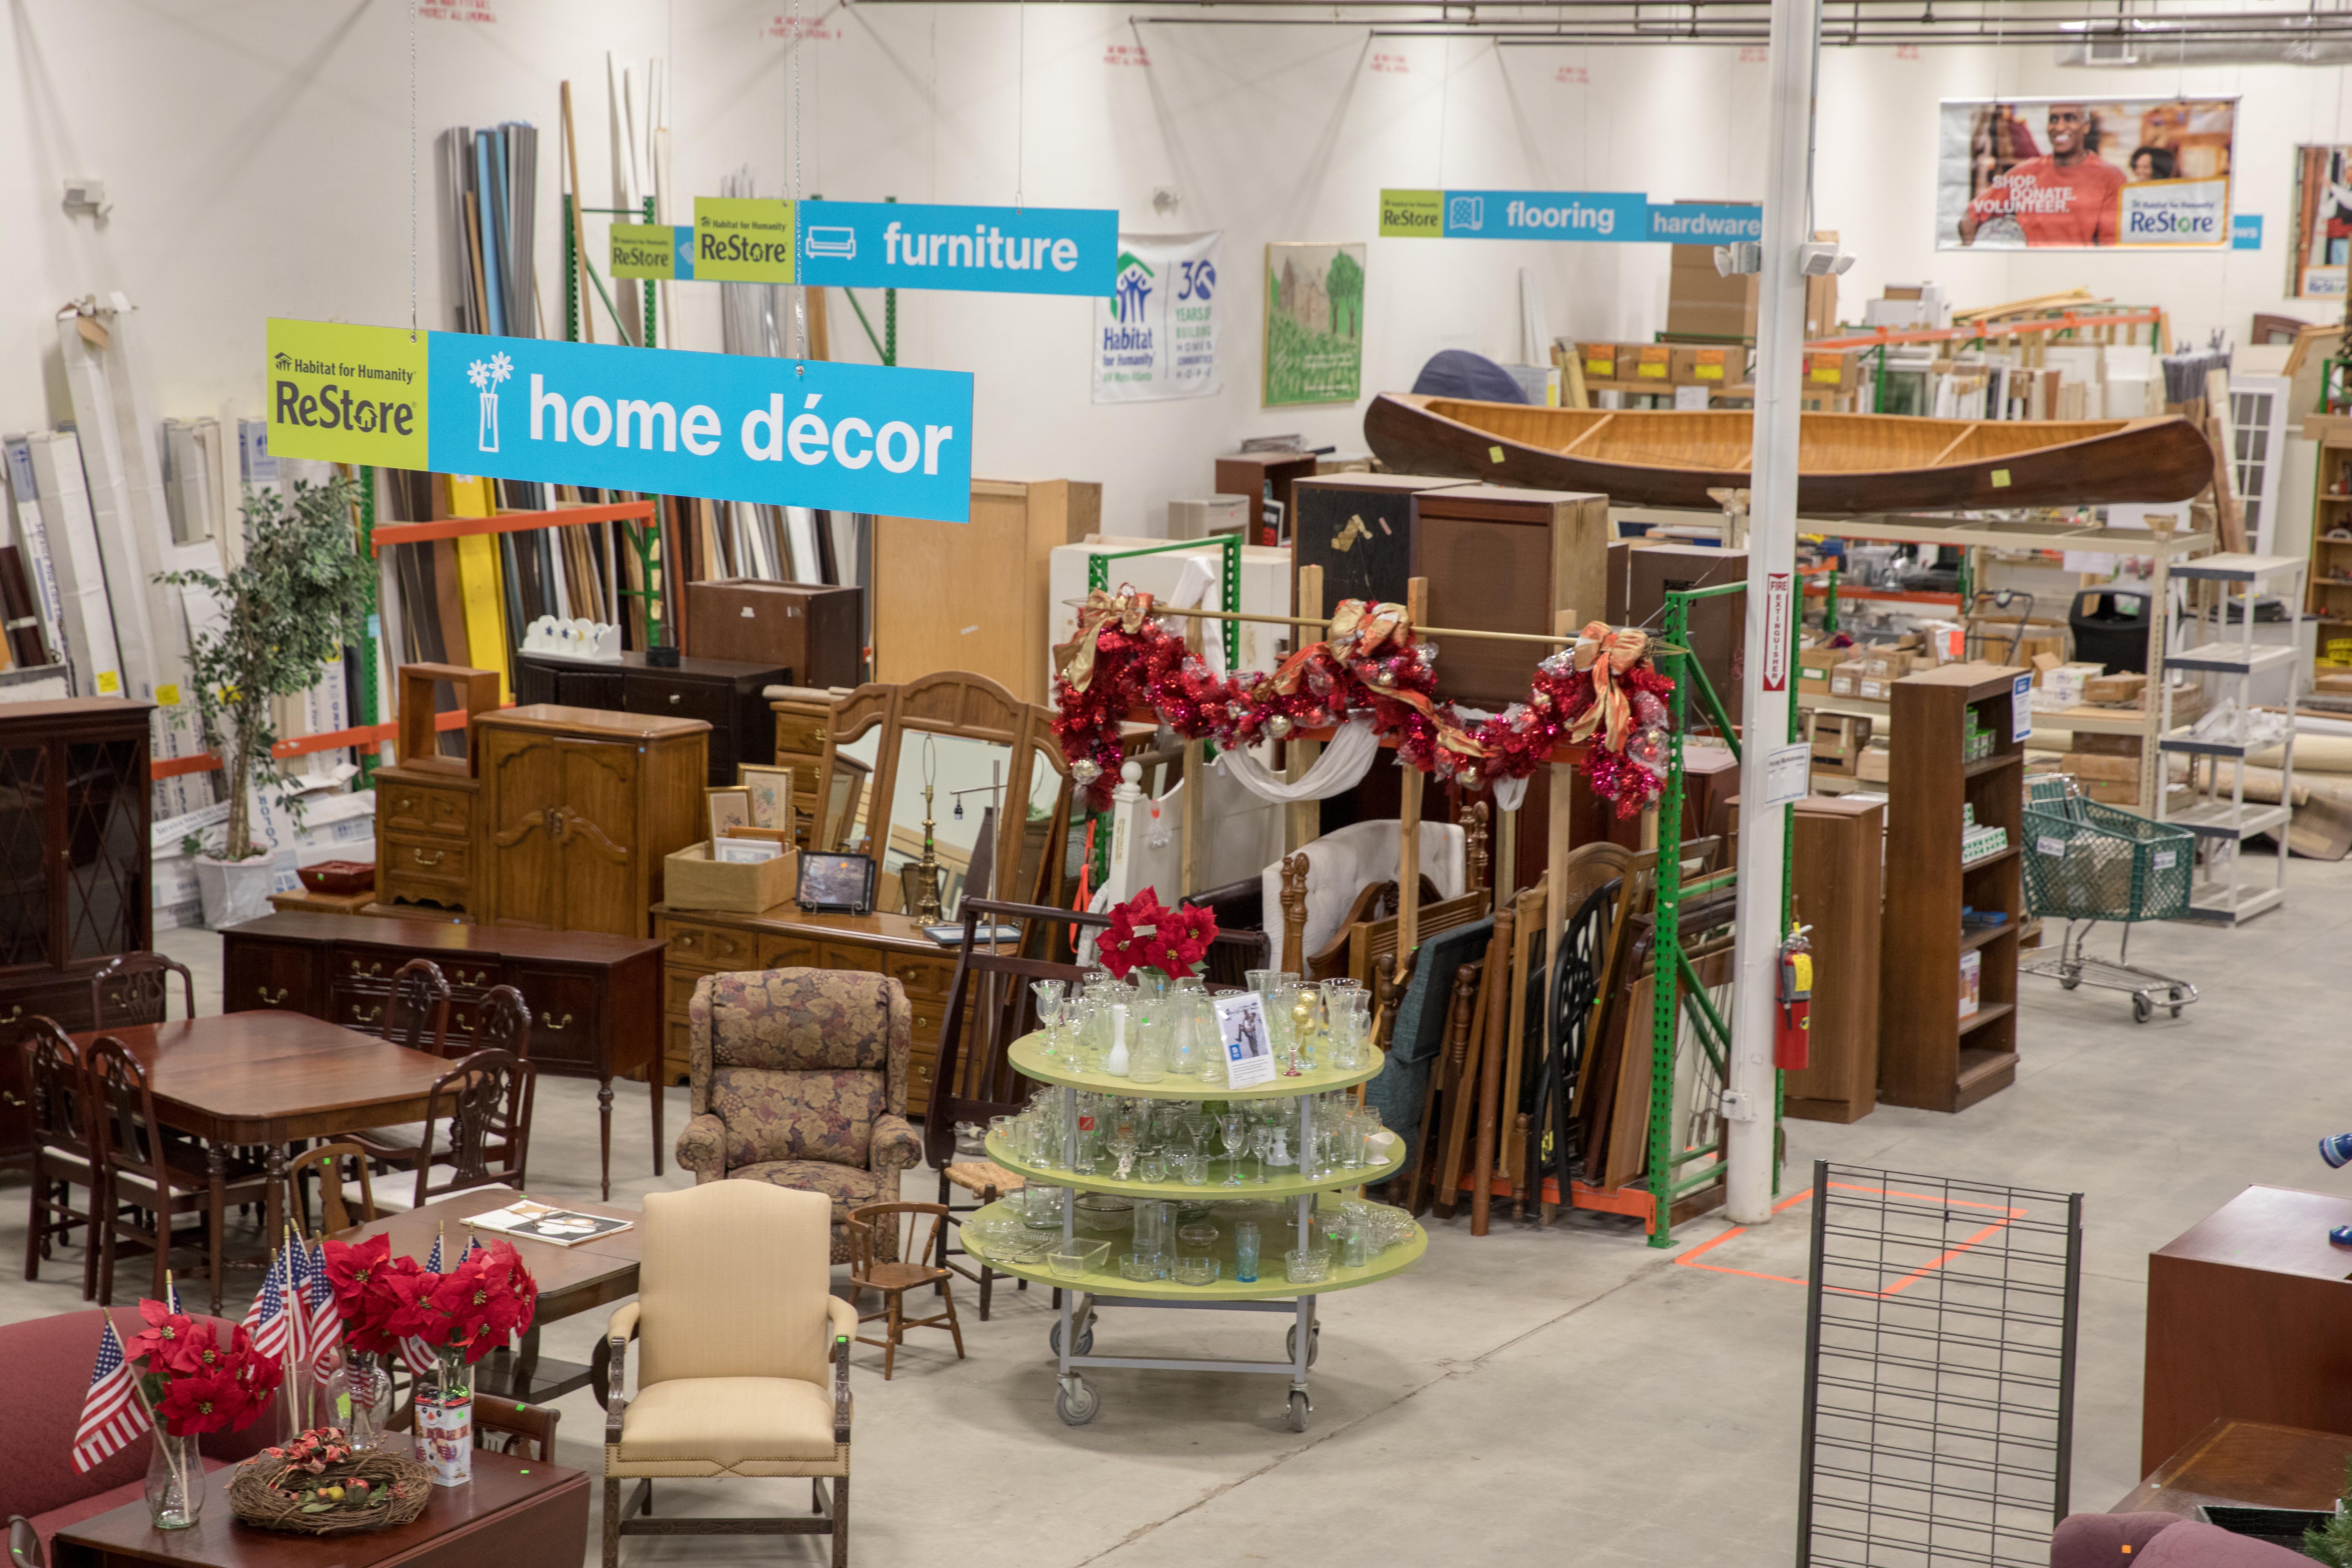 Shop our ReStore